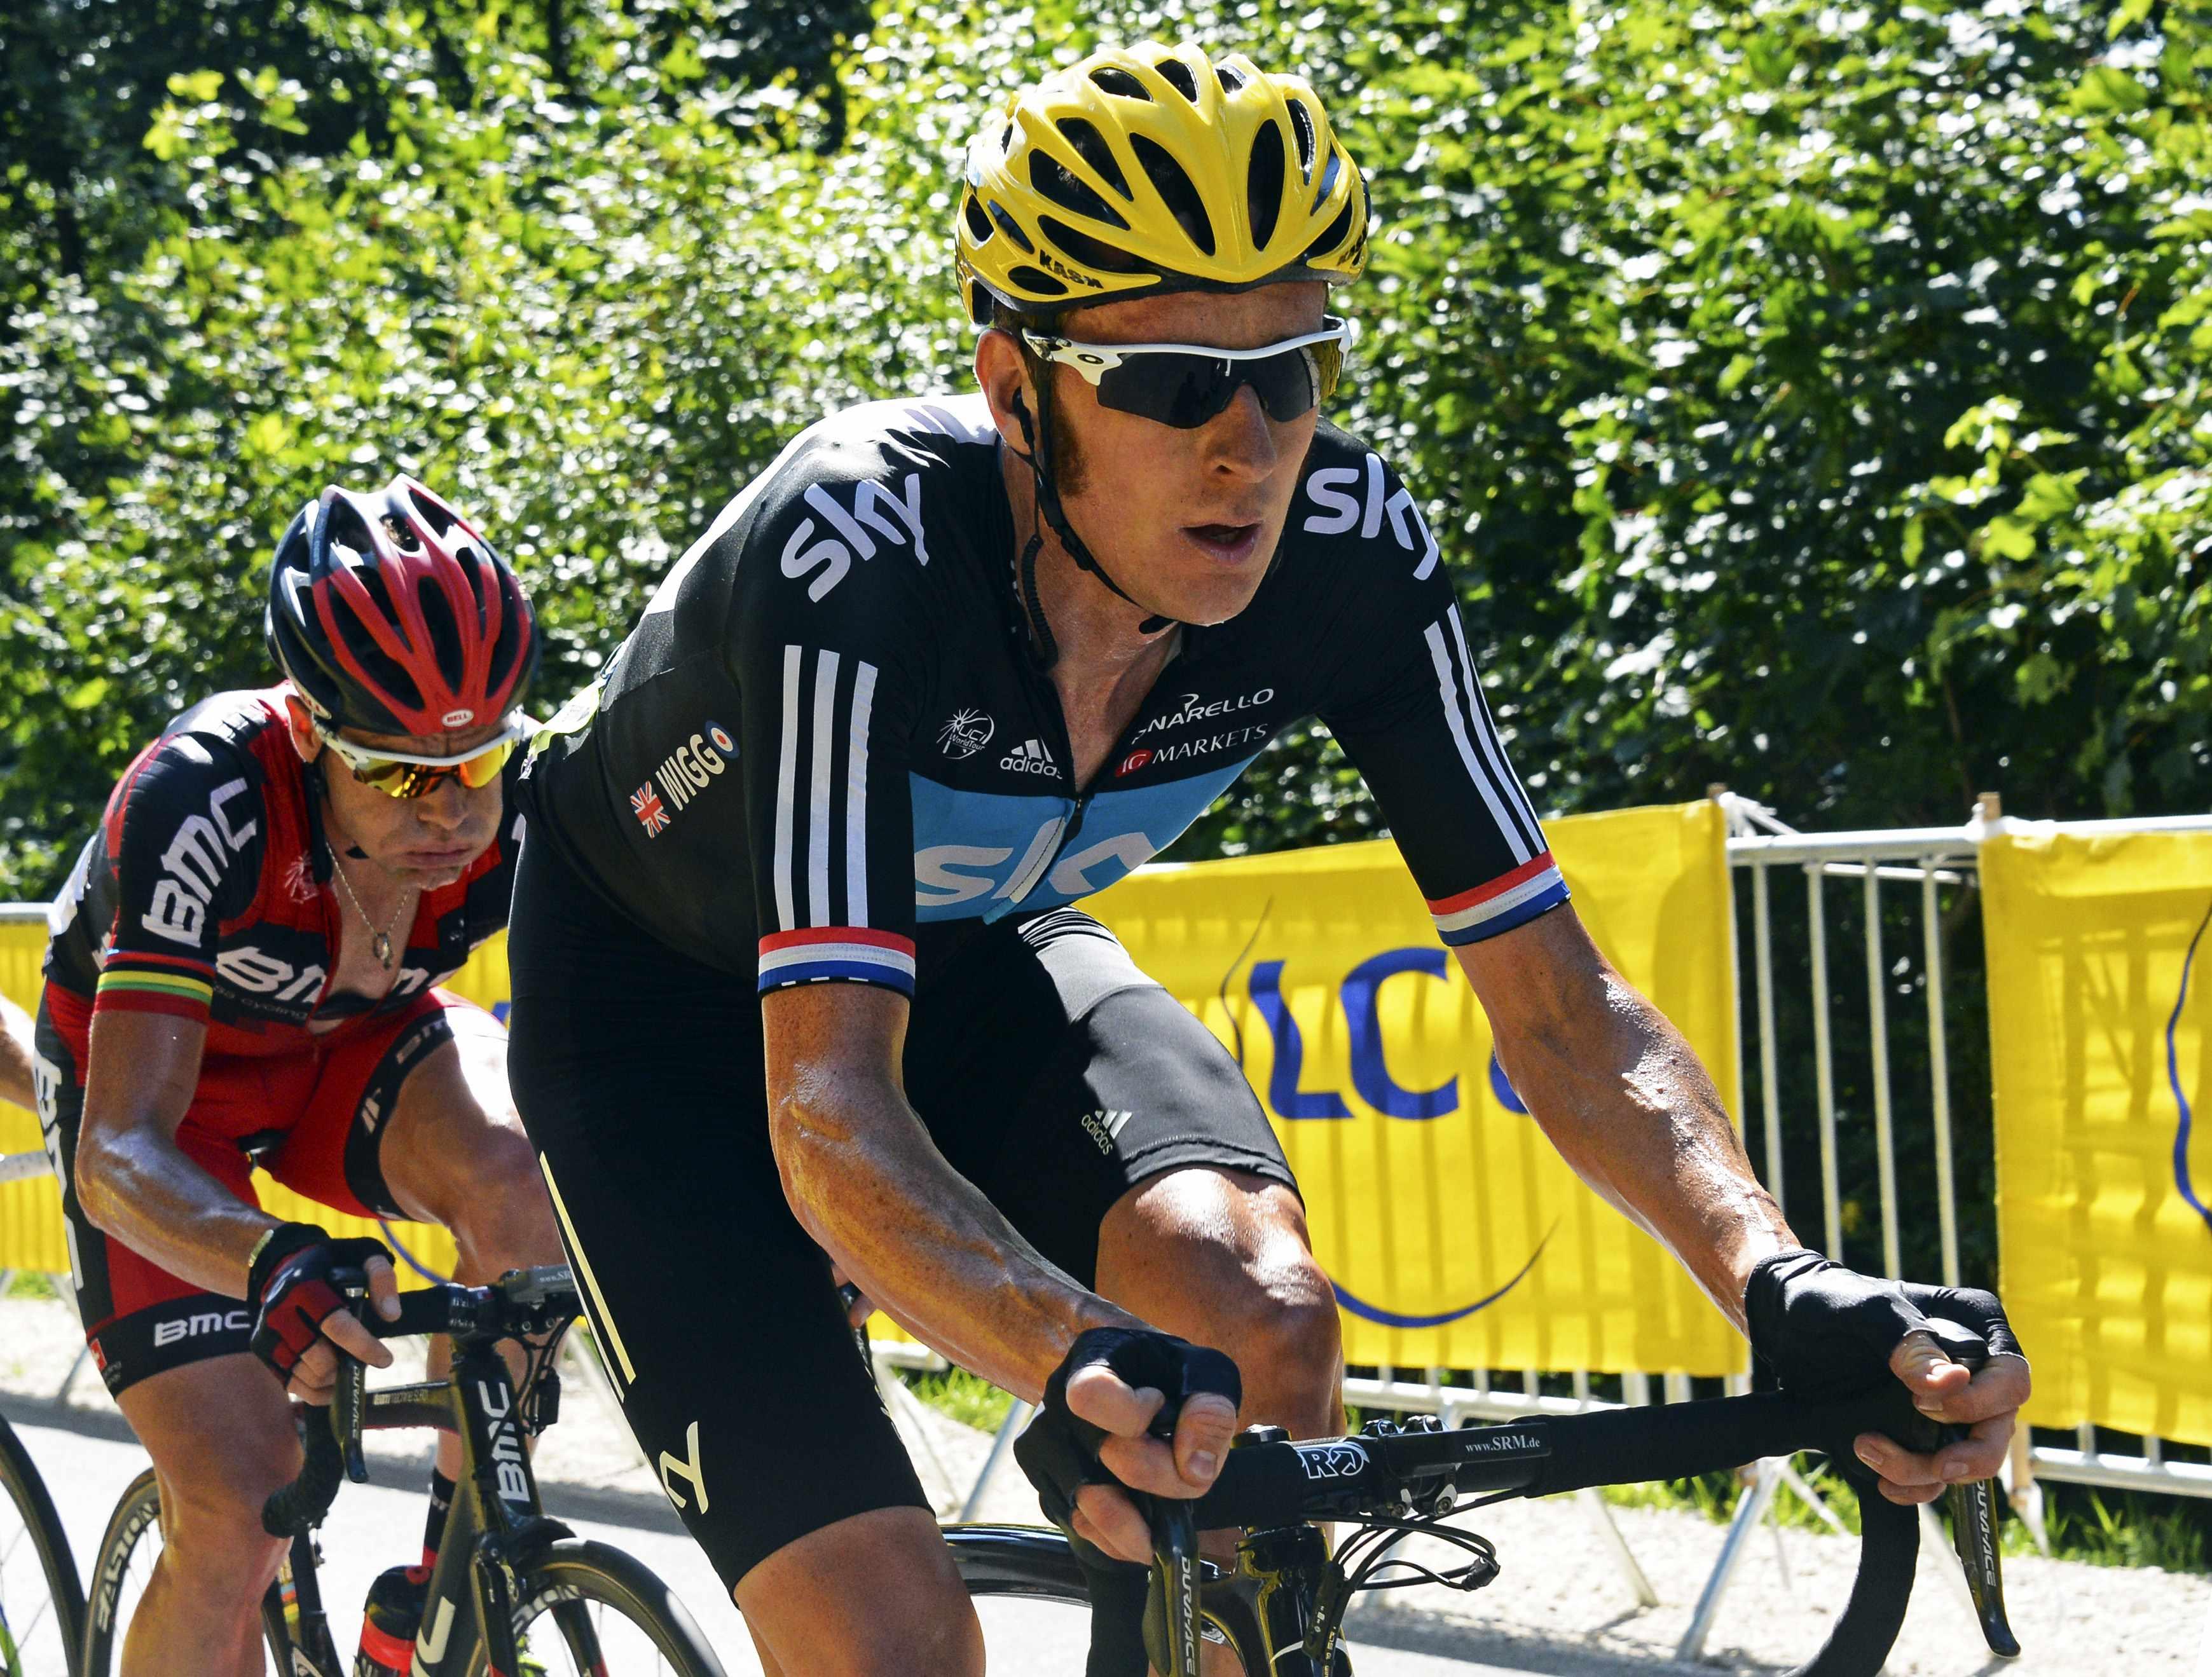 Evans a Wiggins. Dva z mála čistých vítězů Tour?